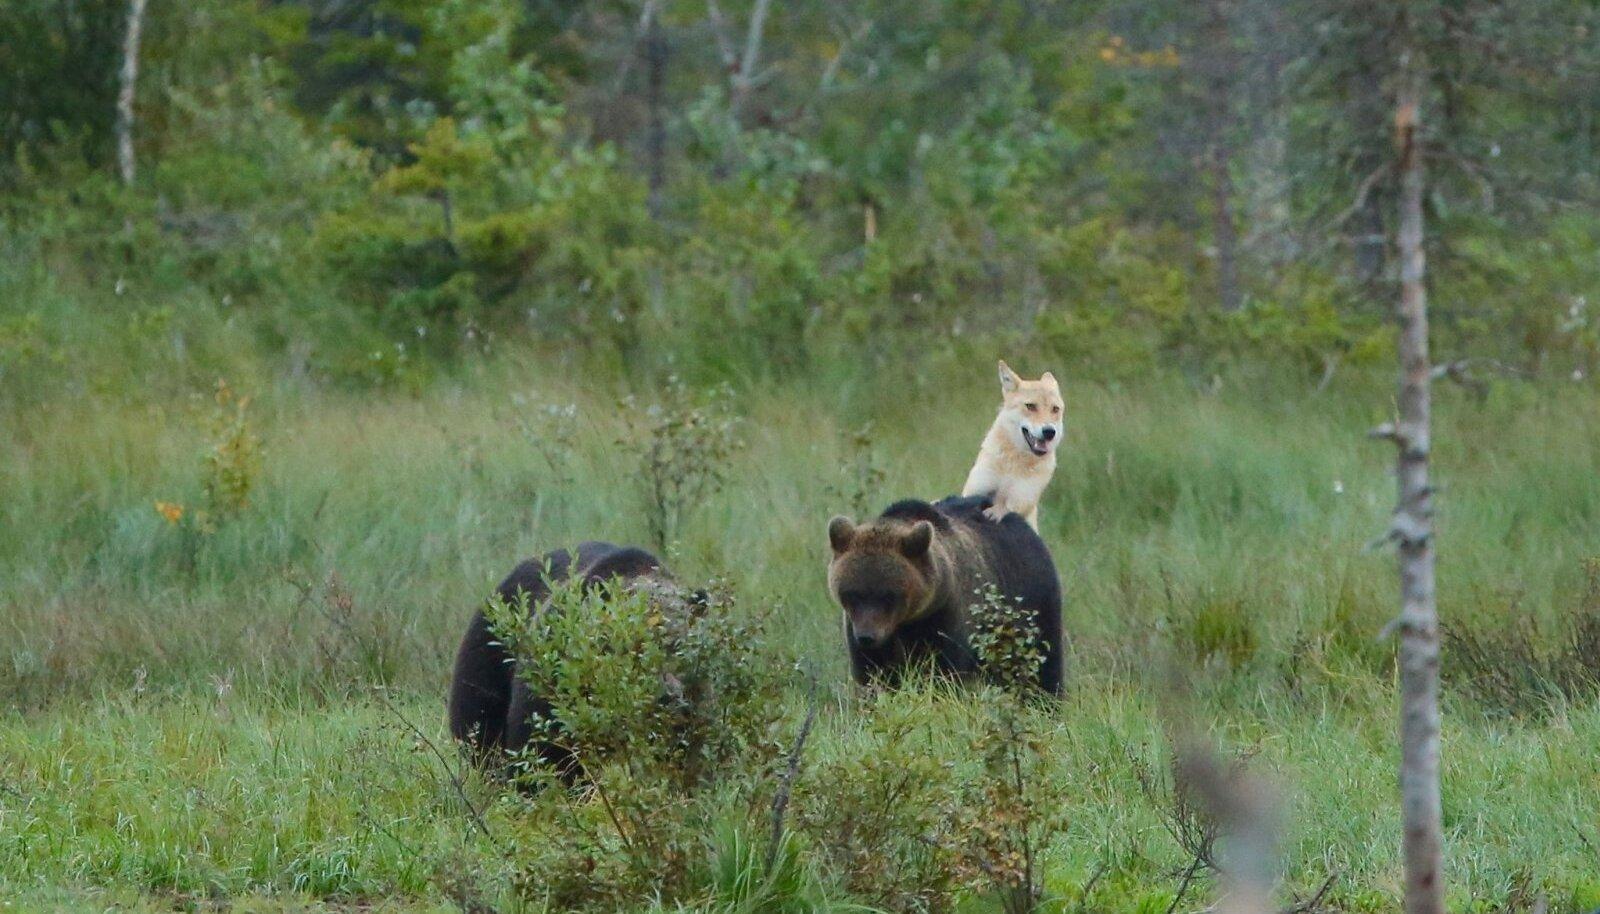 Harrastusfotograaf Pekka Toivonen tabas hundi karudega mängimas